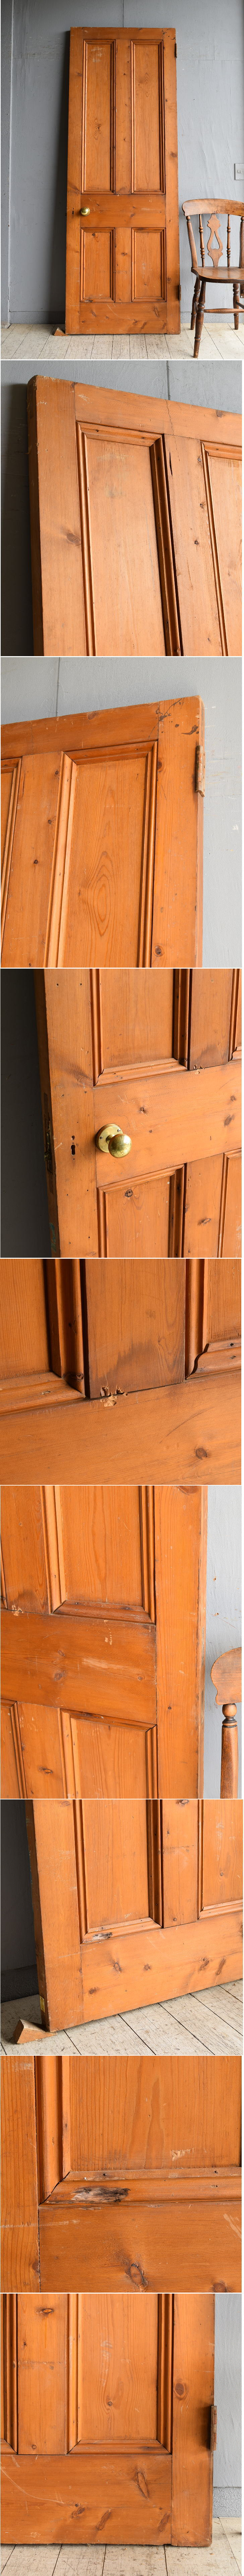 イギリス アンティーク ドア 扉 建具 8606